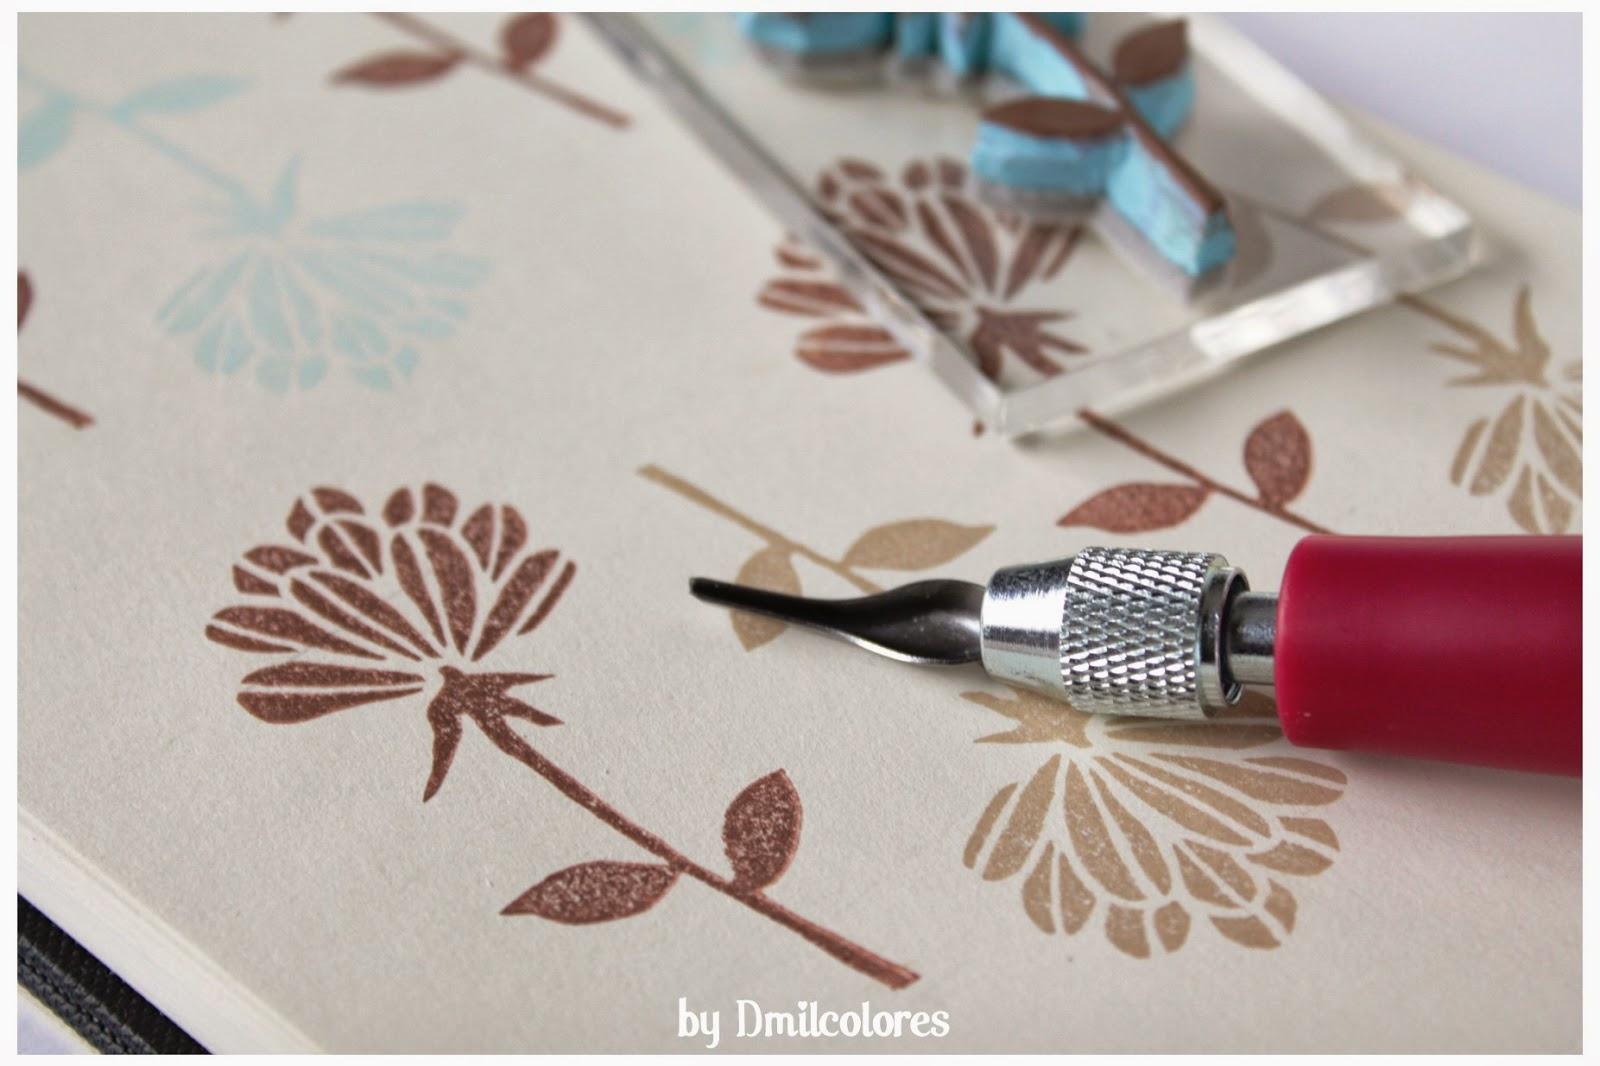 Dmilcolores Detalles Originales Y Alfileres De Novia Carvado De